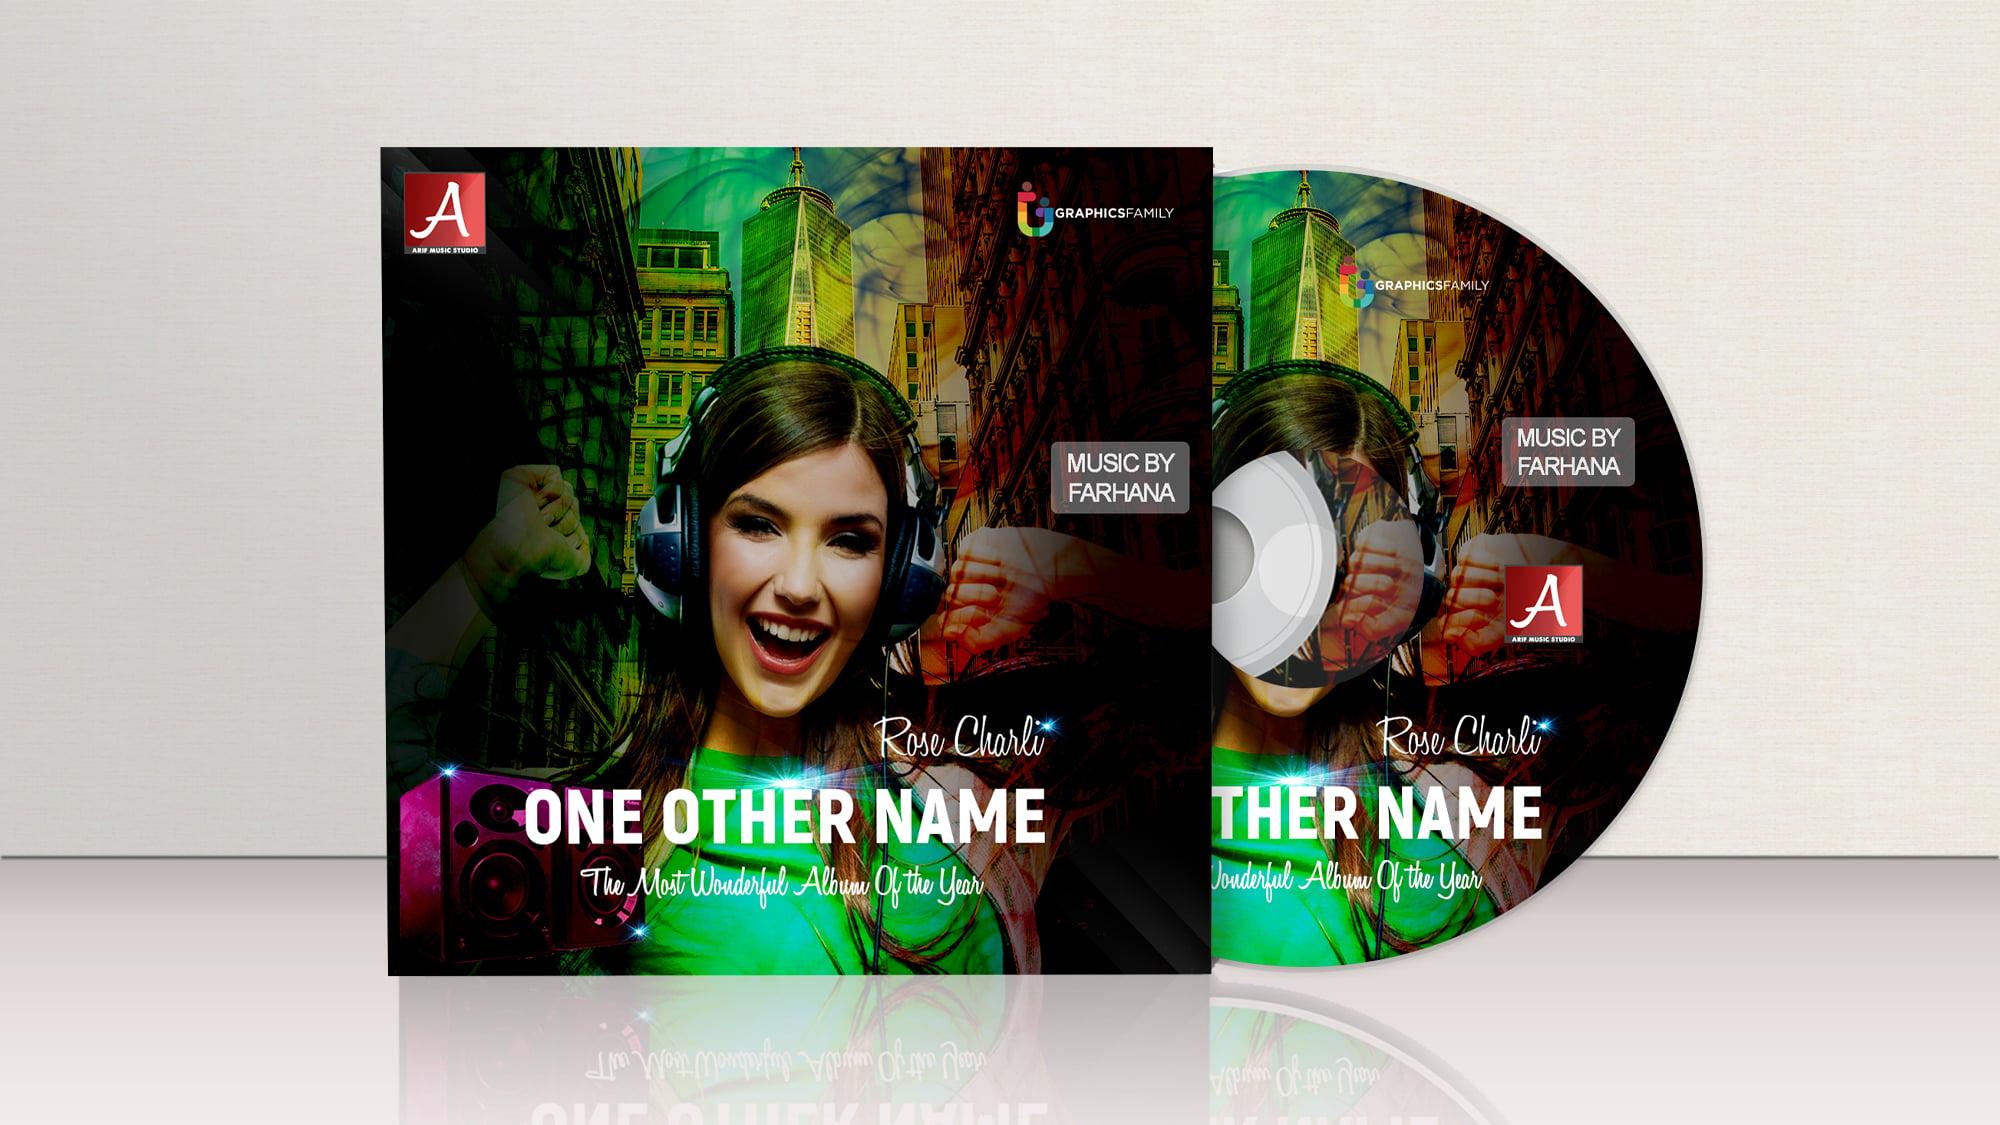 Free DVD Cover Design psd